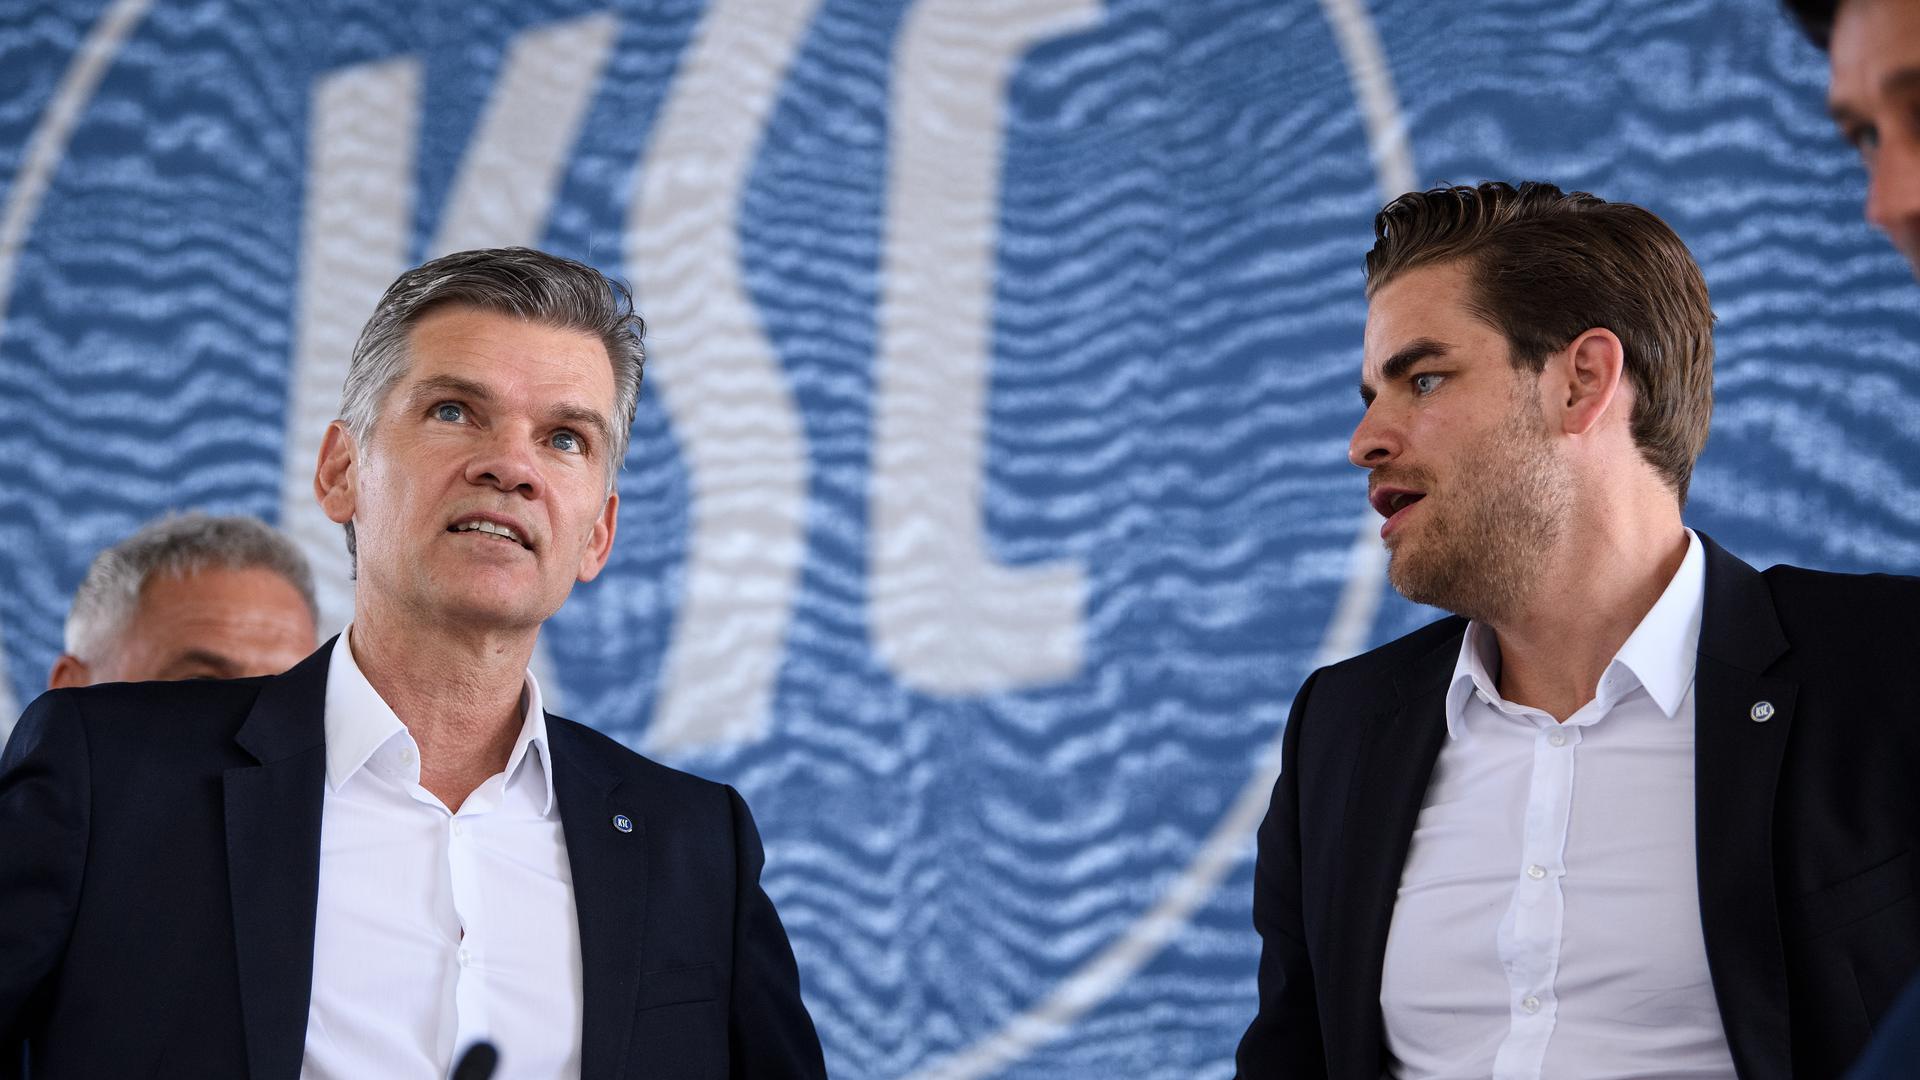 Einen Ausweg aus der finanziellen Notlage suchen KSC-Präsident Ingo Wellenreuther (links) und Geschäftsführer Michael Becker.